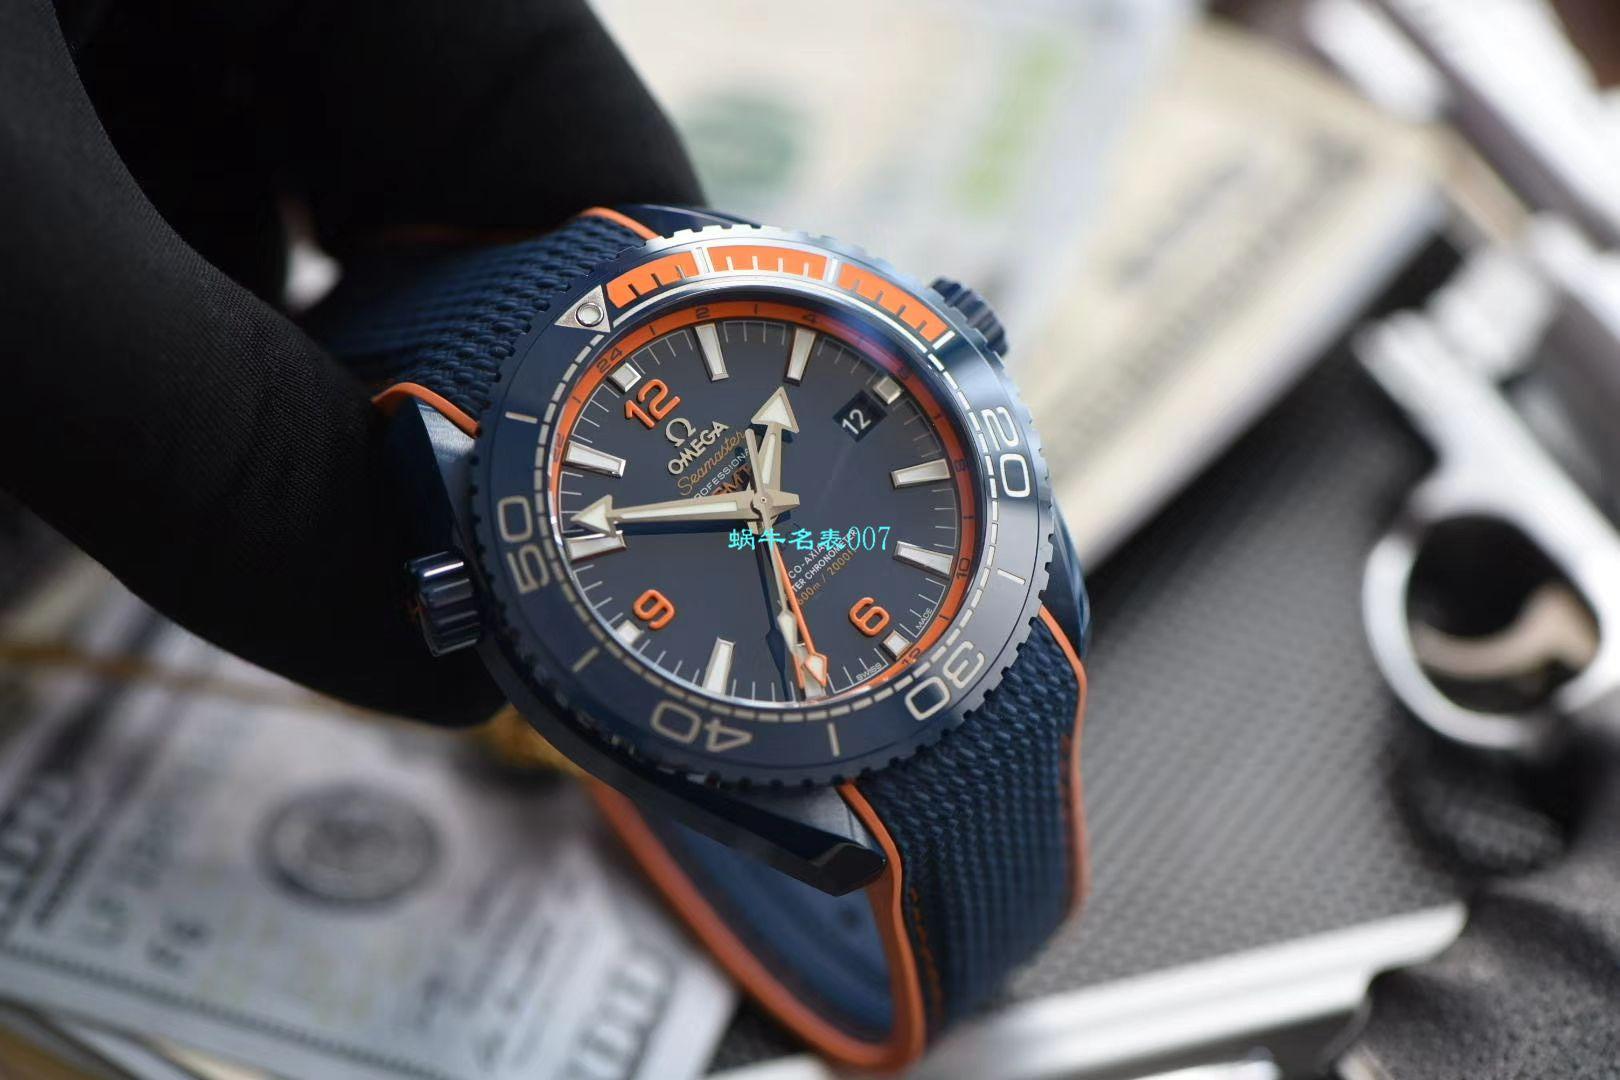 VS厂超A高仿碧海之蓝之欧米茄海马系列215.92.46.22.03.001腕表 / VS670